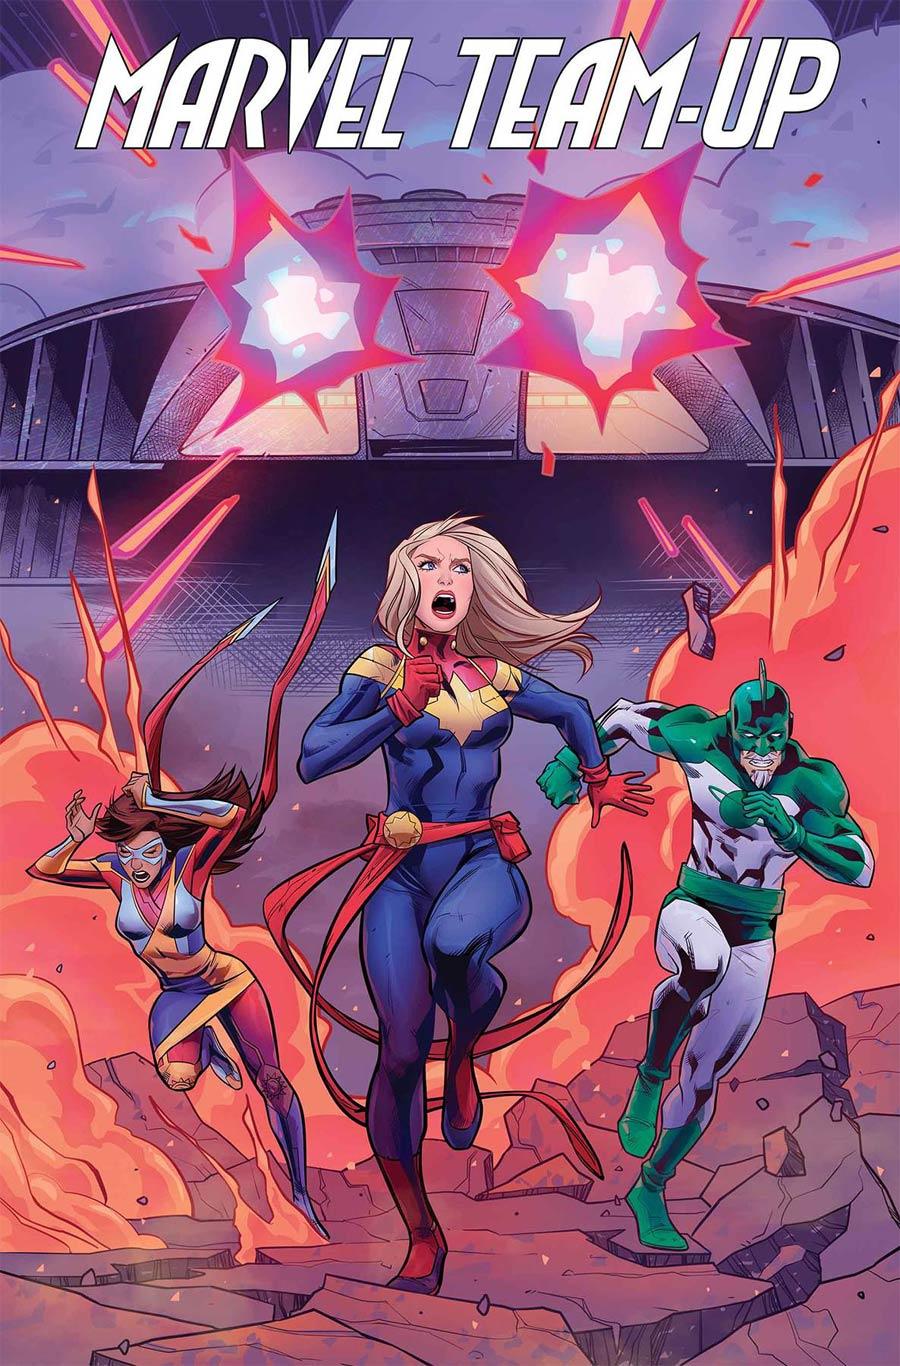 Marvel Team-Up Vol 4 #6